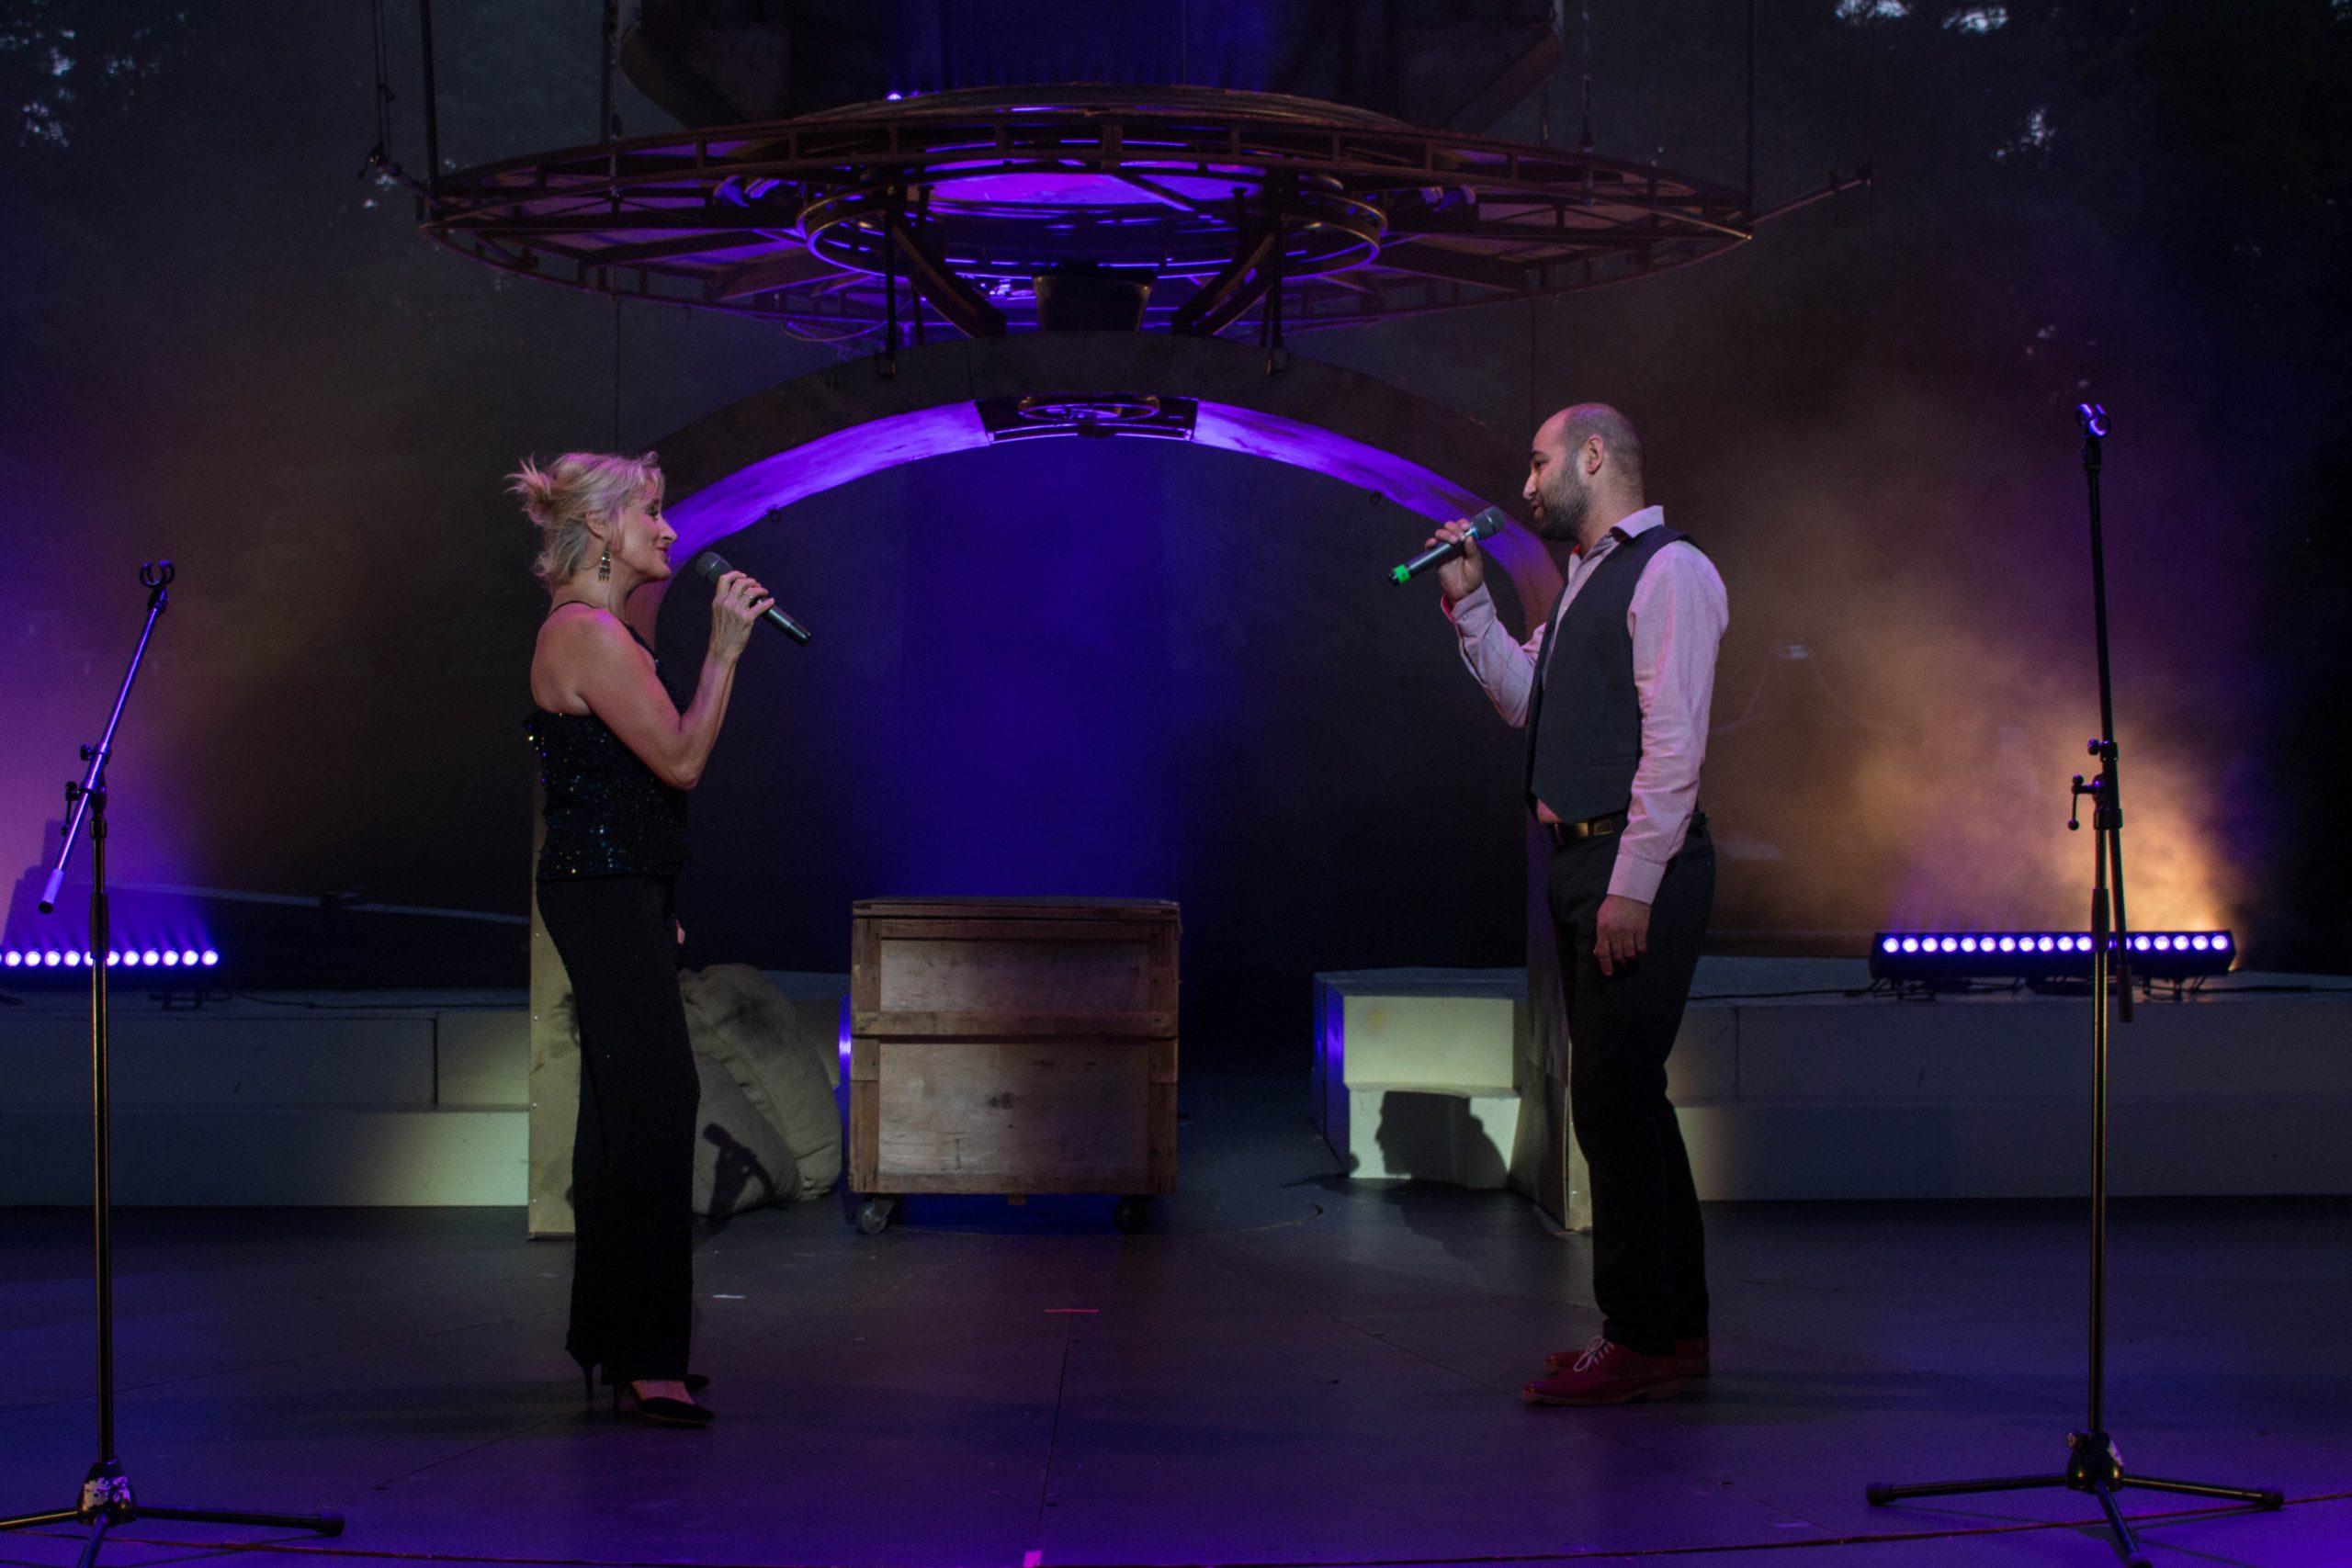 A nagy találkozás: zenés este a musical és a swing jegyében